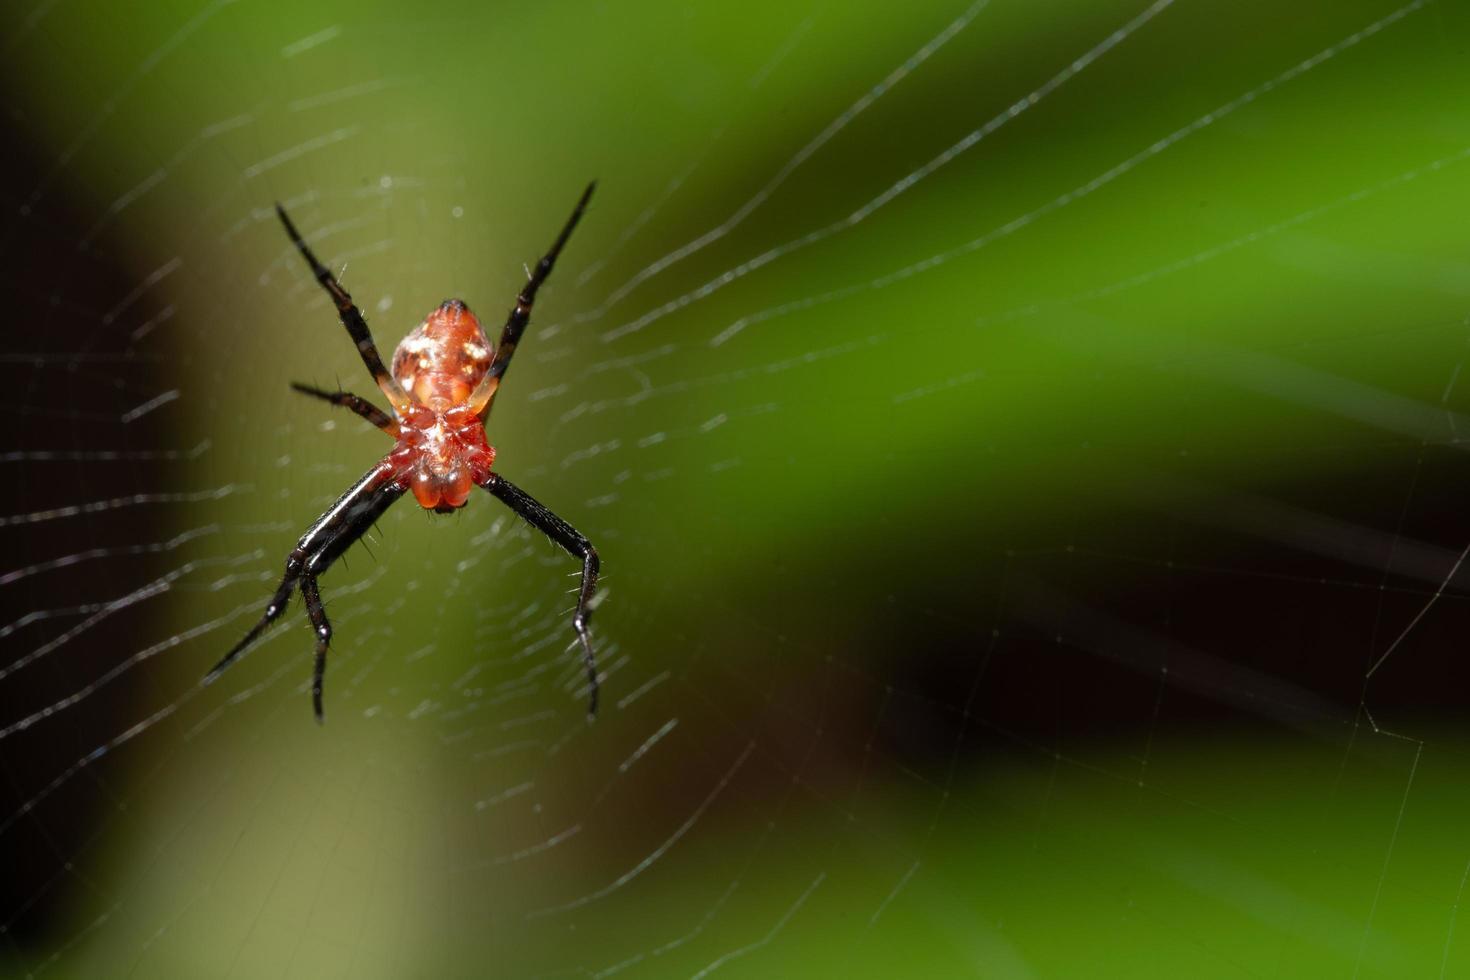 macro ragno in natura foto